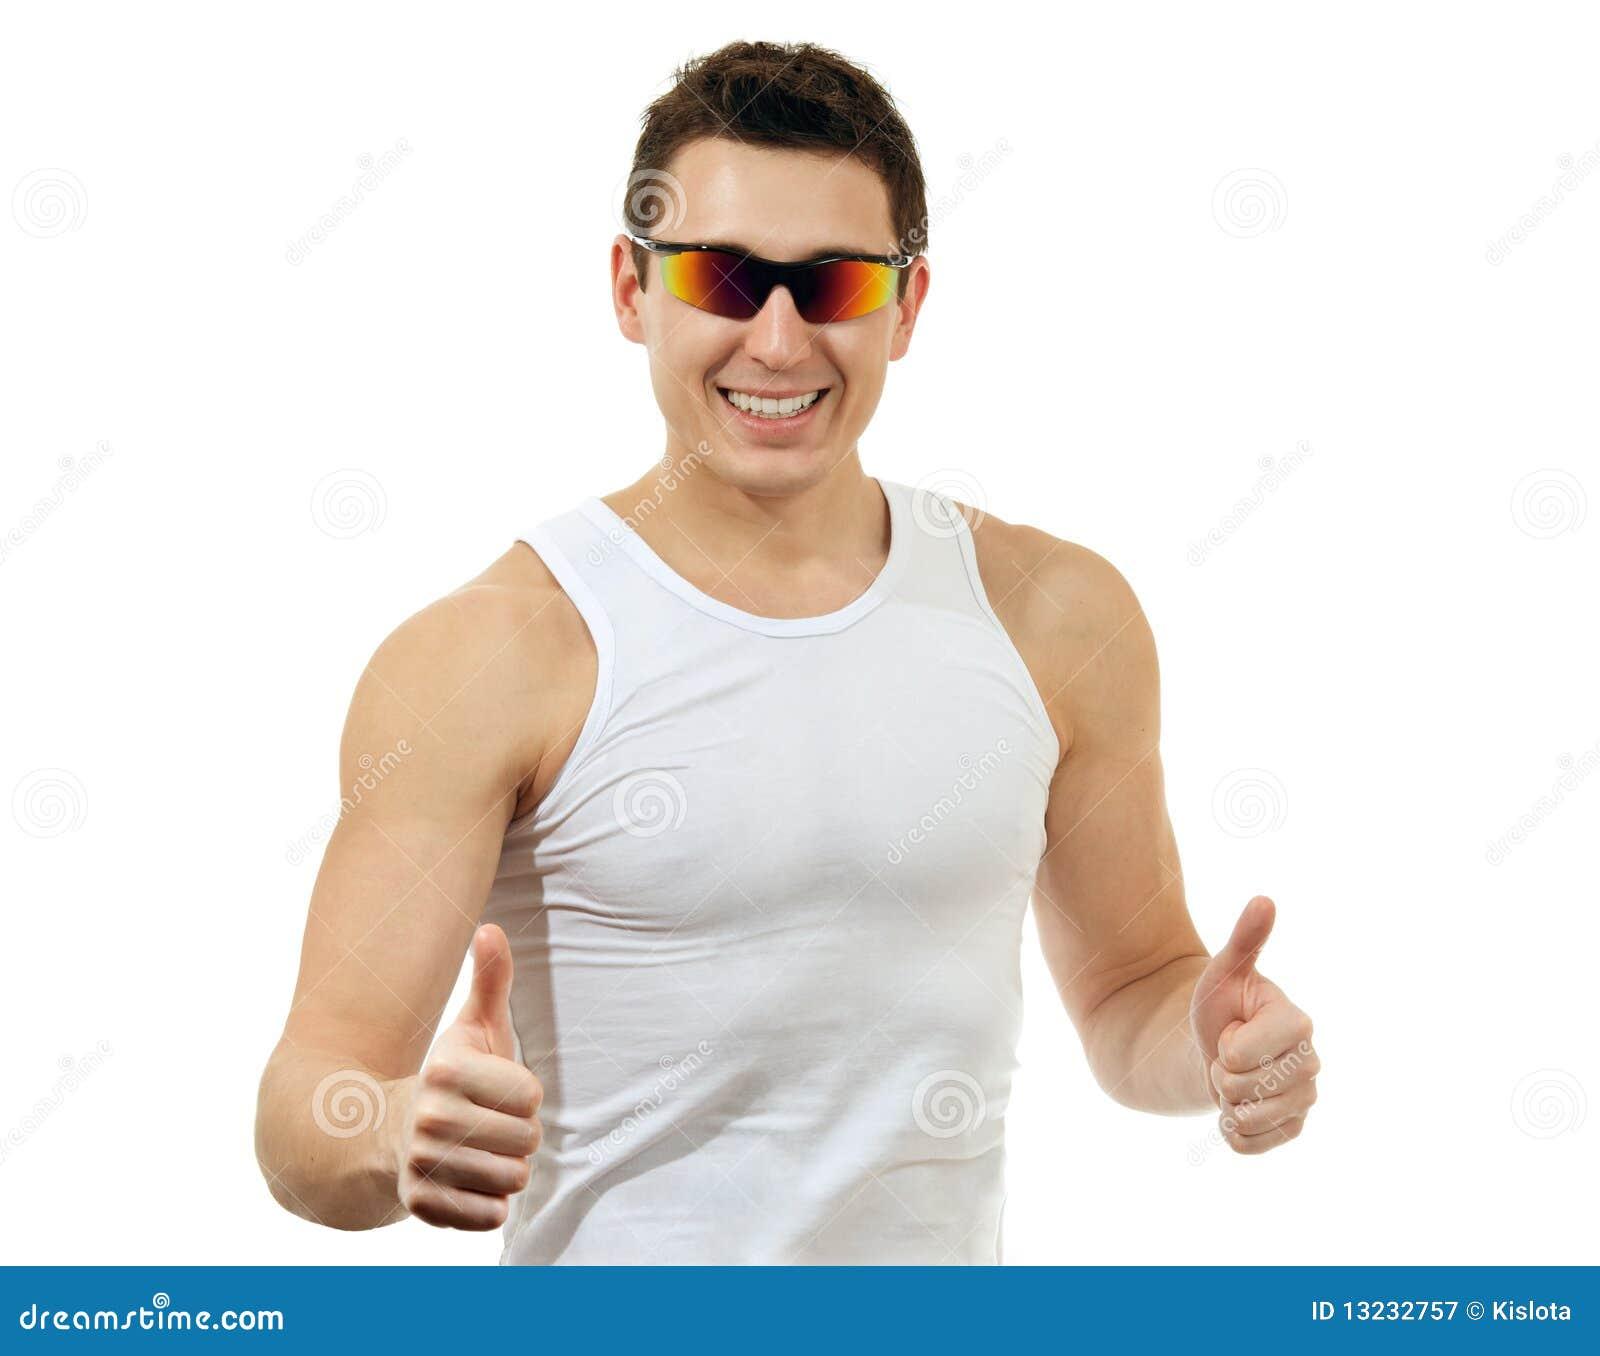 Conhecendo O Efeito Platô happy-man-white-t-shirt-sunglasses-13232757